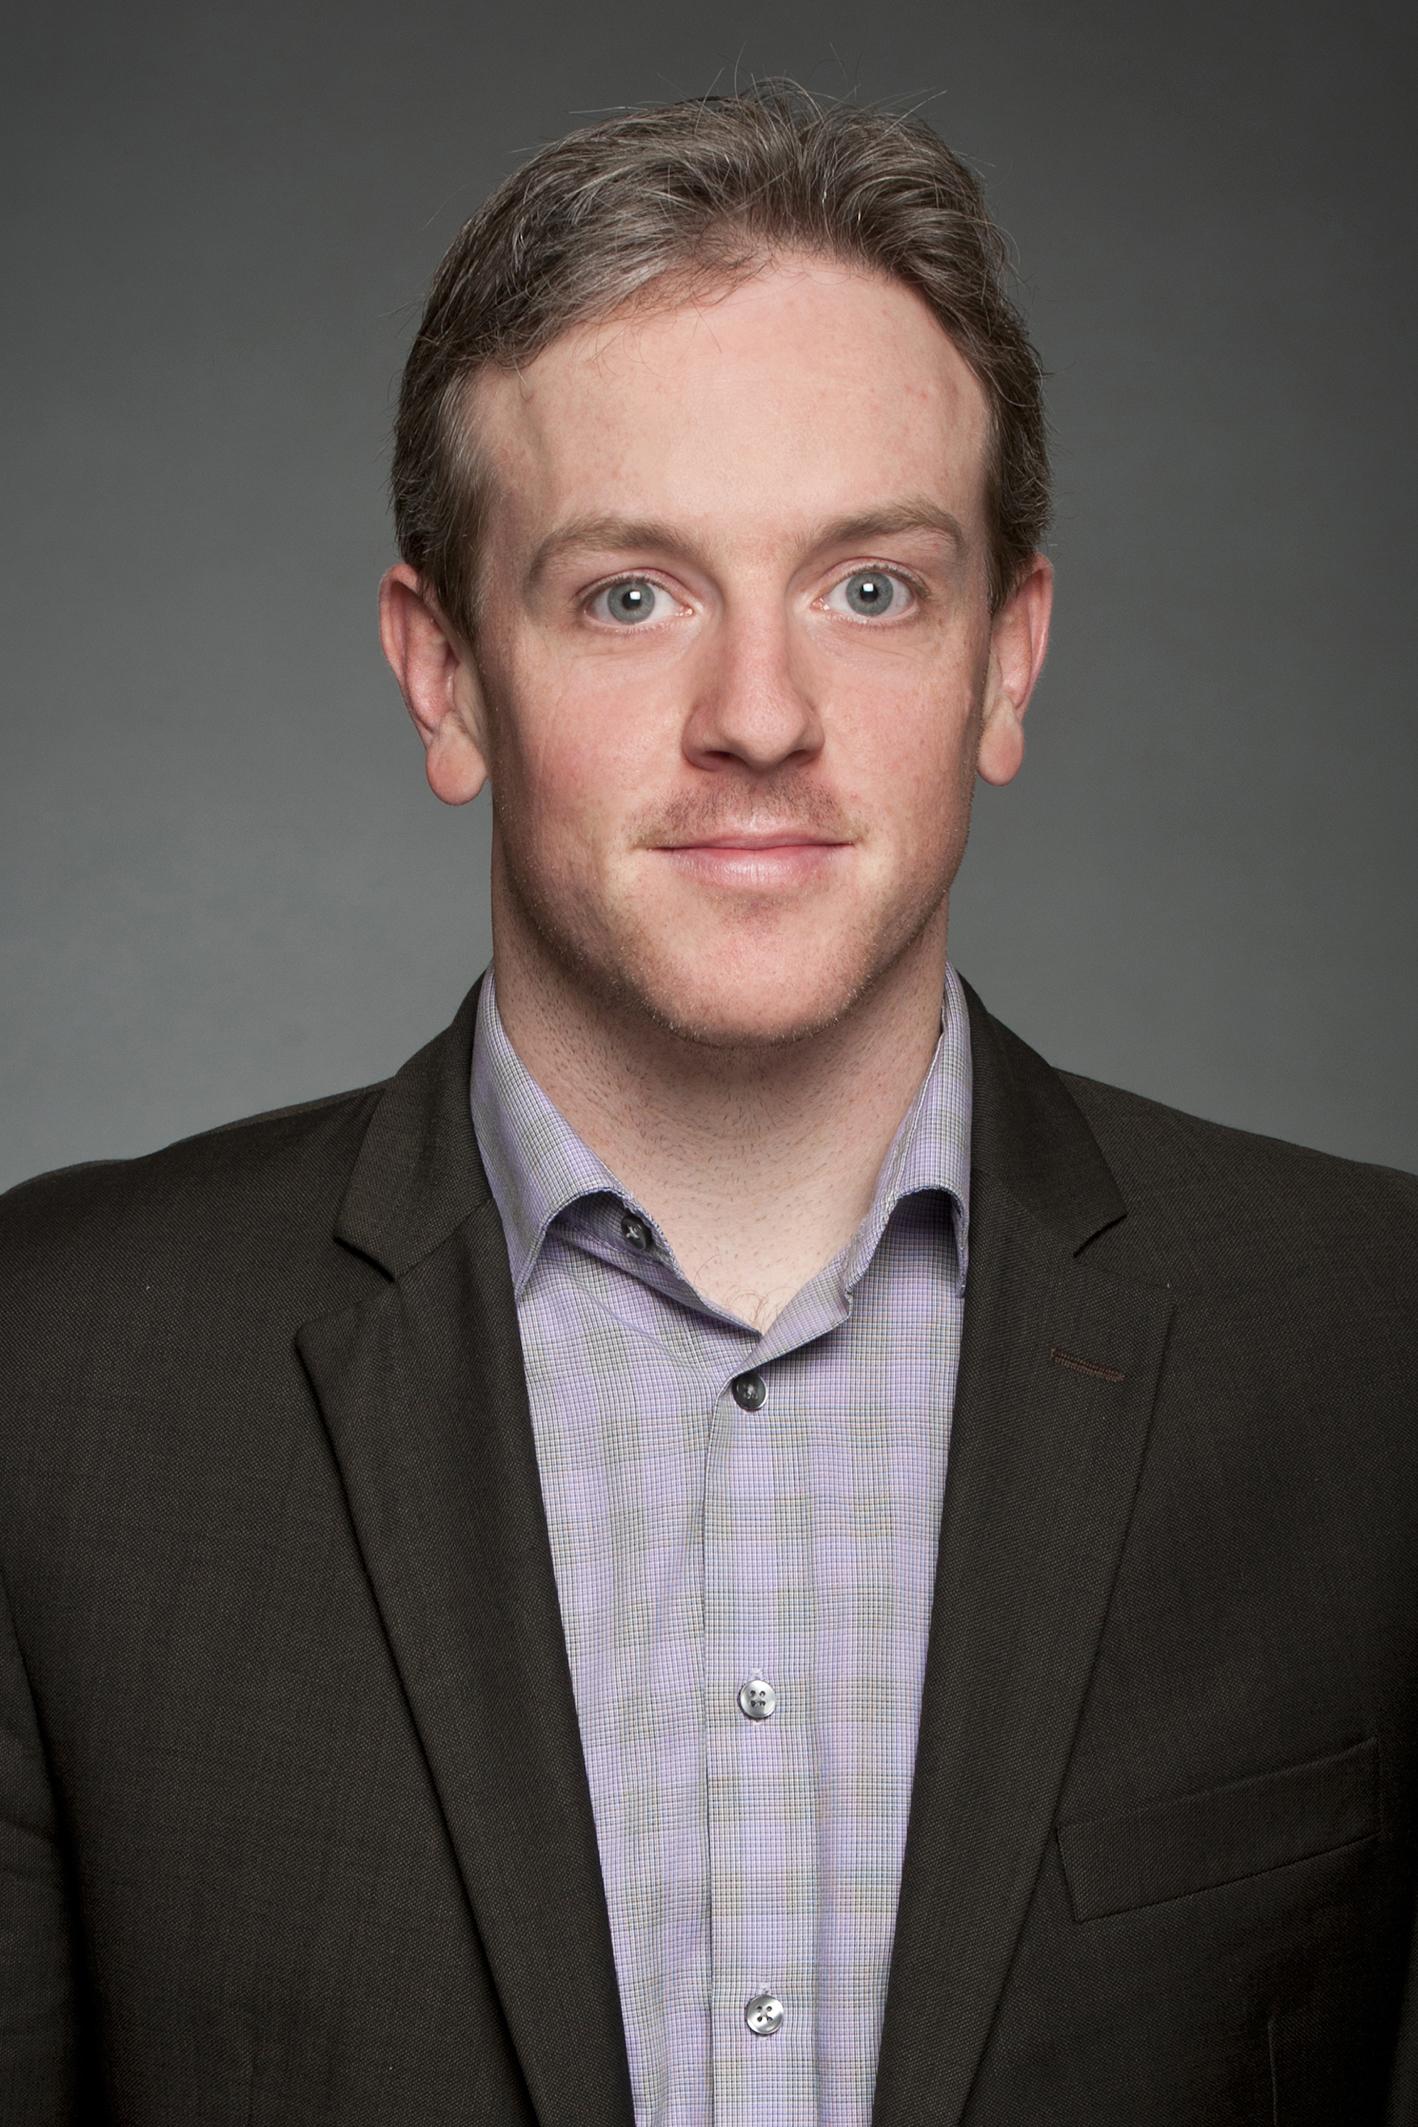 Andrew Kuntze